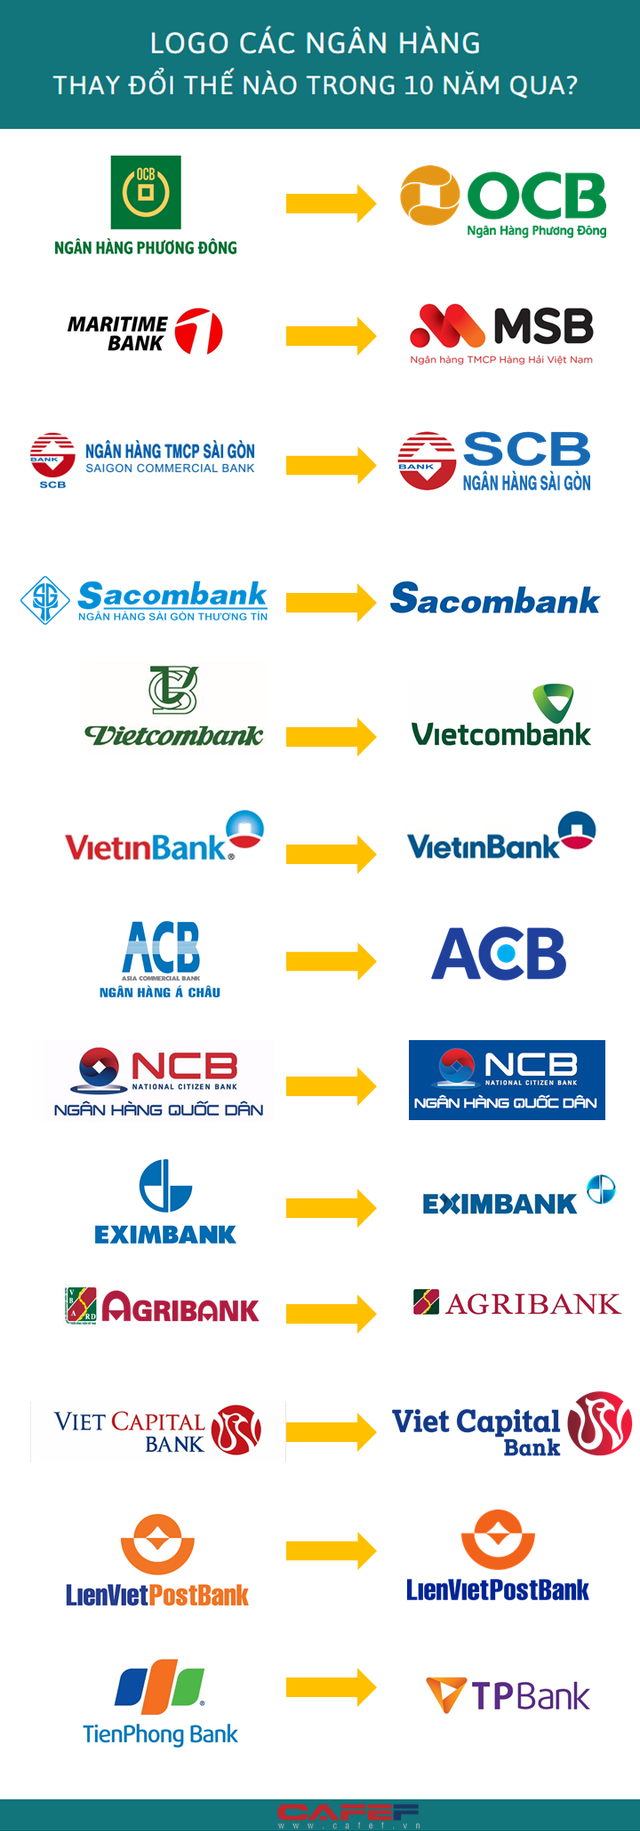 Logo các ngân hàng thay đổi thế nào trong 10 năm qua? - Ảnh 1.